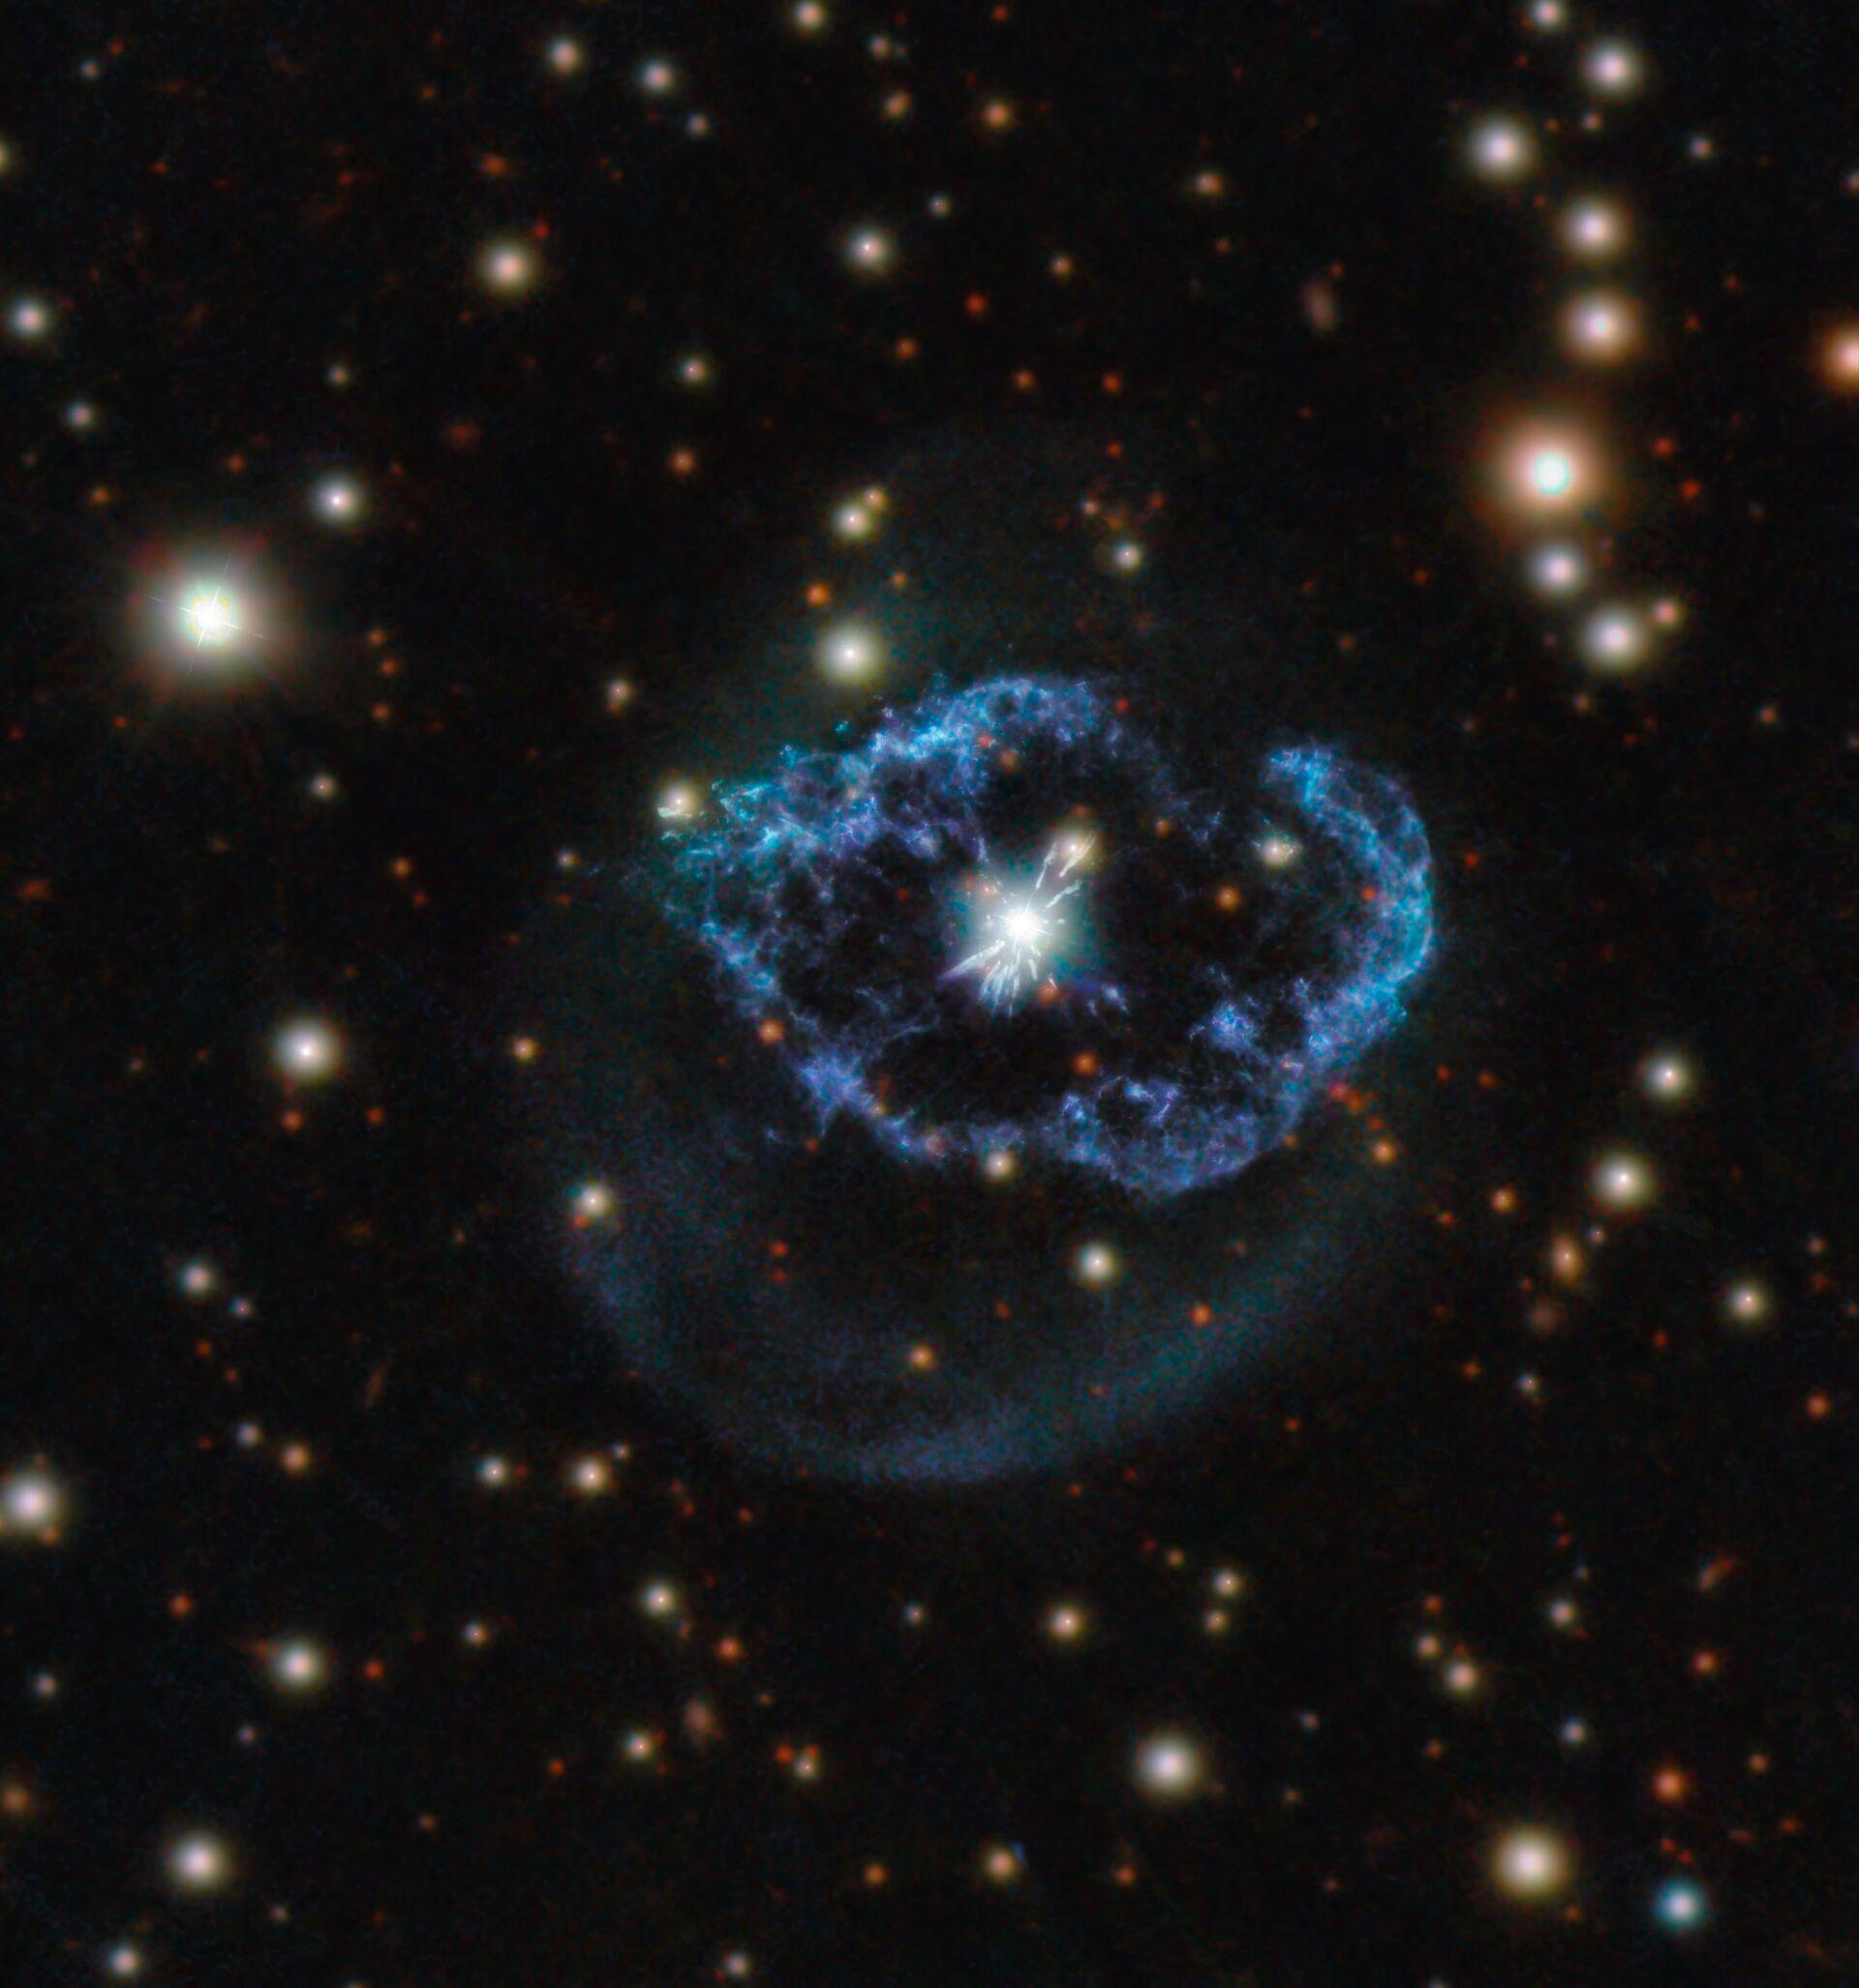 Abel 78, la nebulosa planetaria con la stella nata 2 volte - Foto - Sputnik Italia, 1920, 20.03.2021